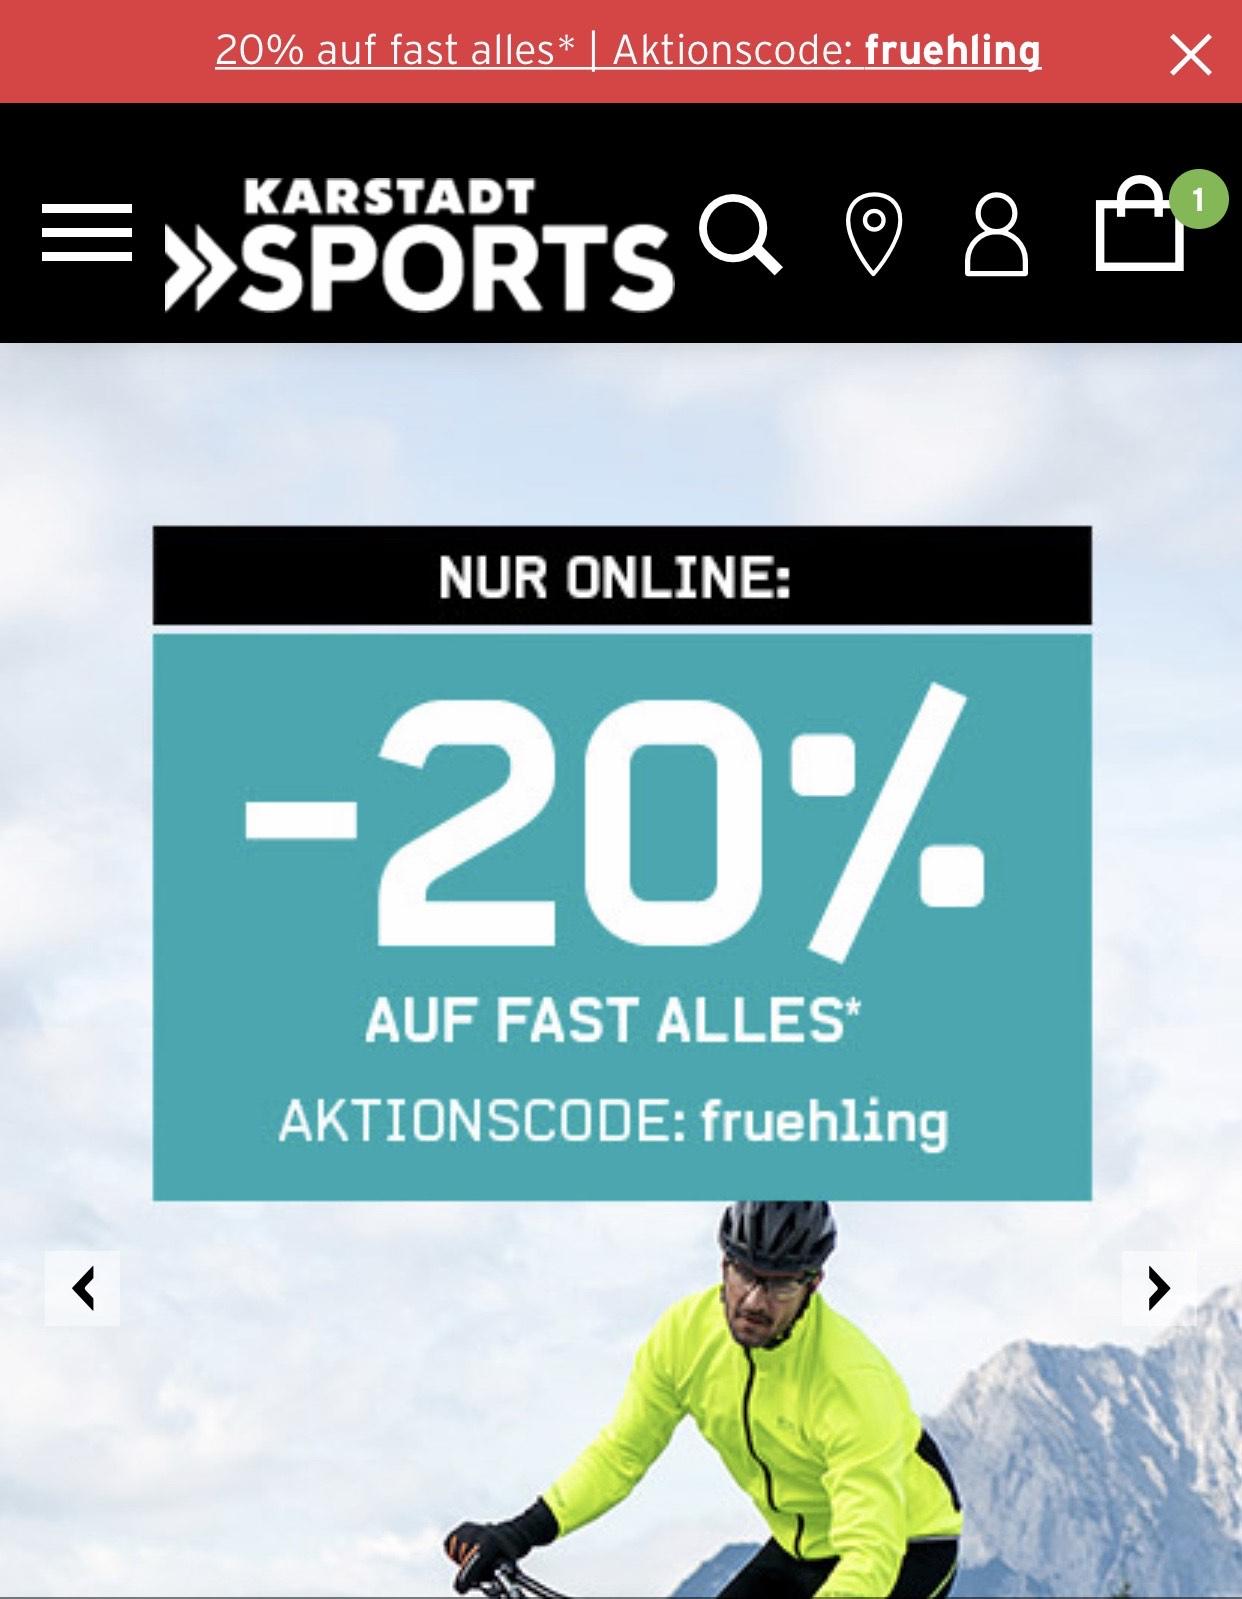 20% Rabatt bei Karstadt Sport *nur online *